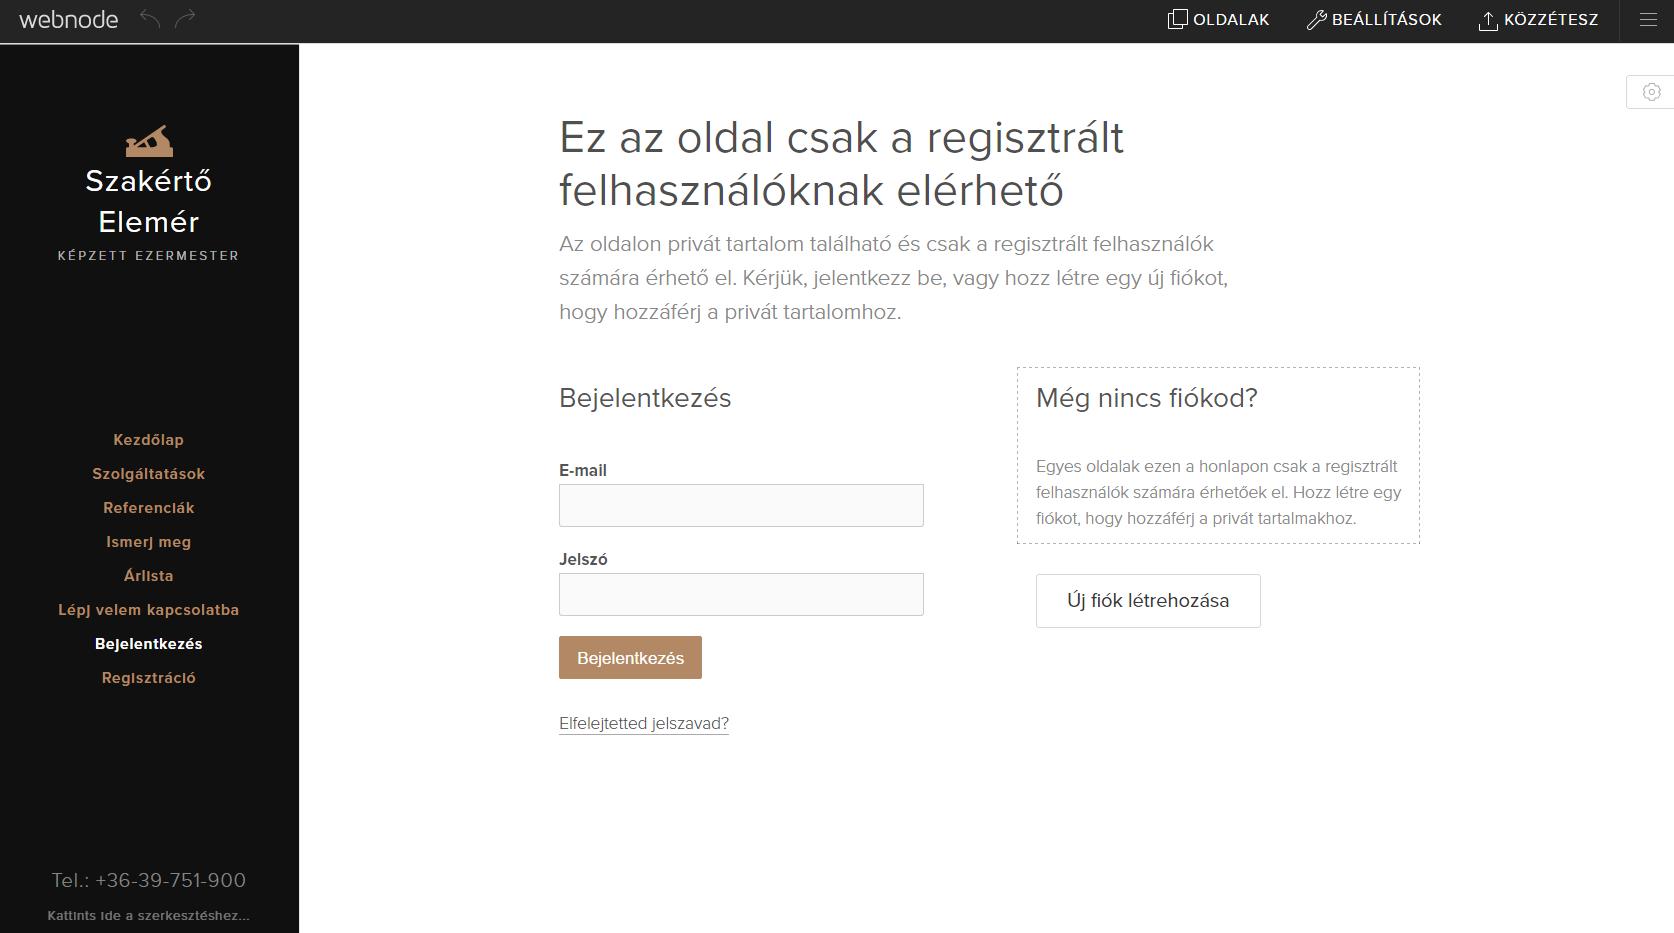 Hogyan adj felhasználó regisztráció funkciót weboldaladhoz